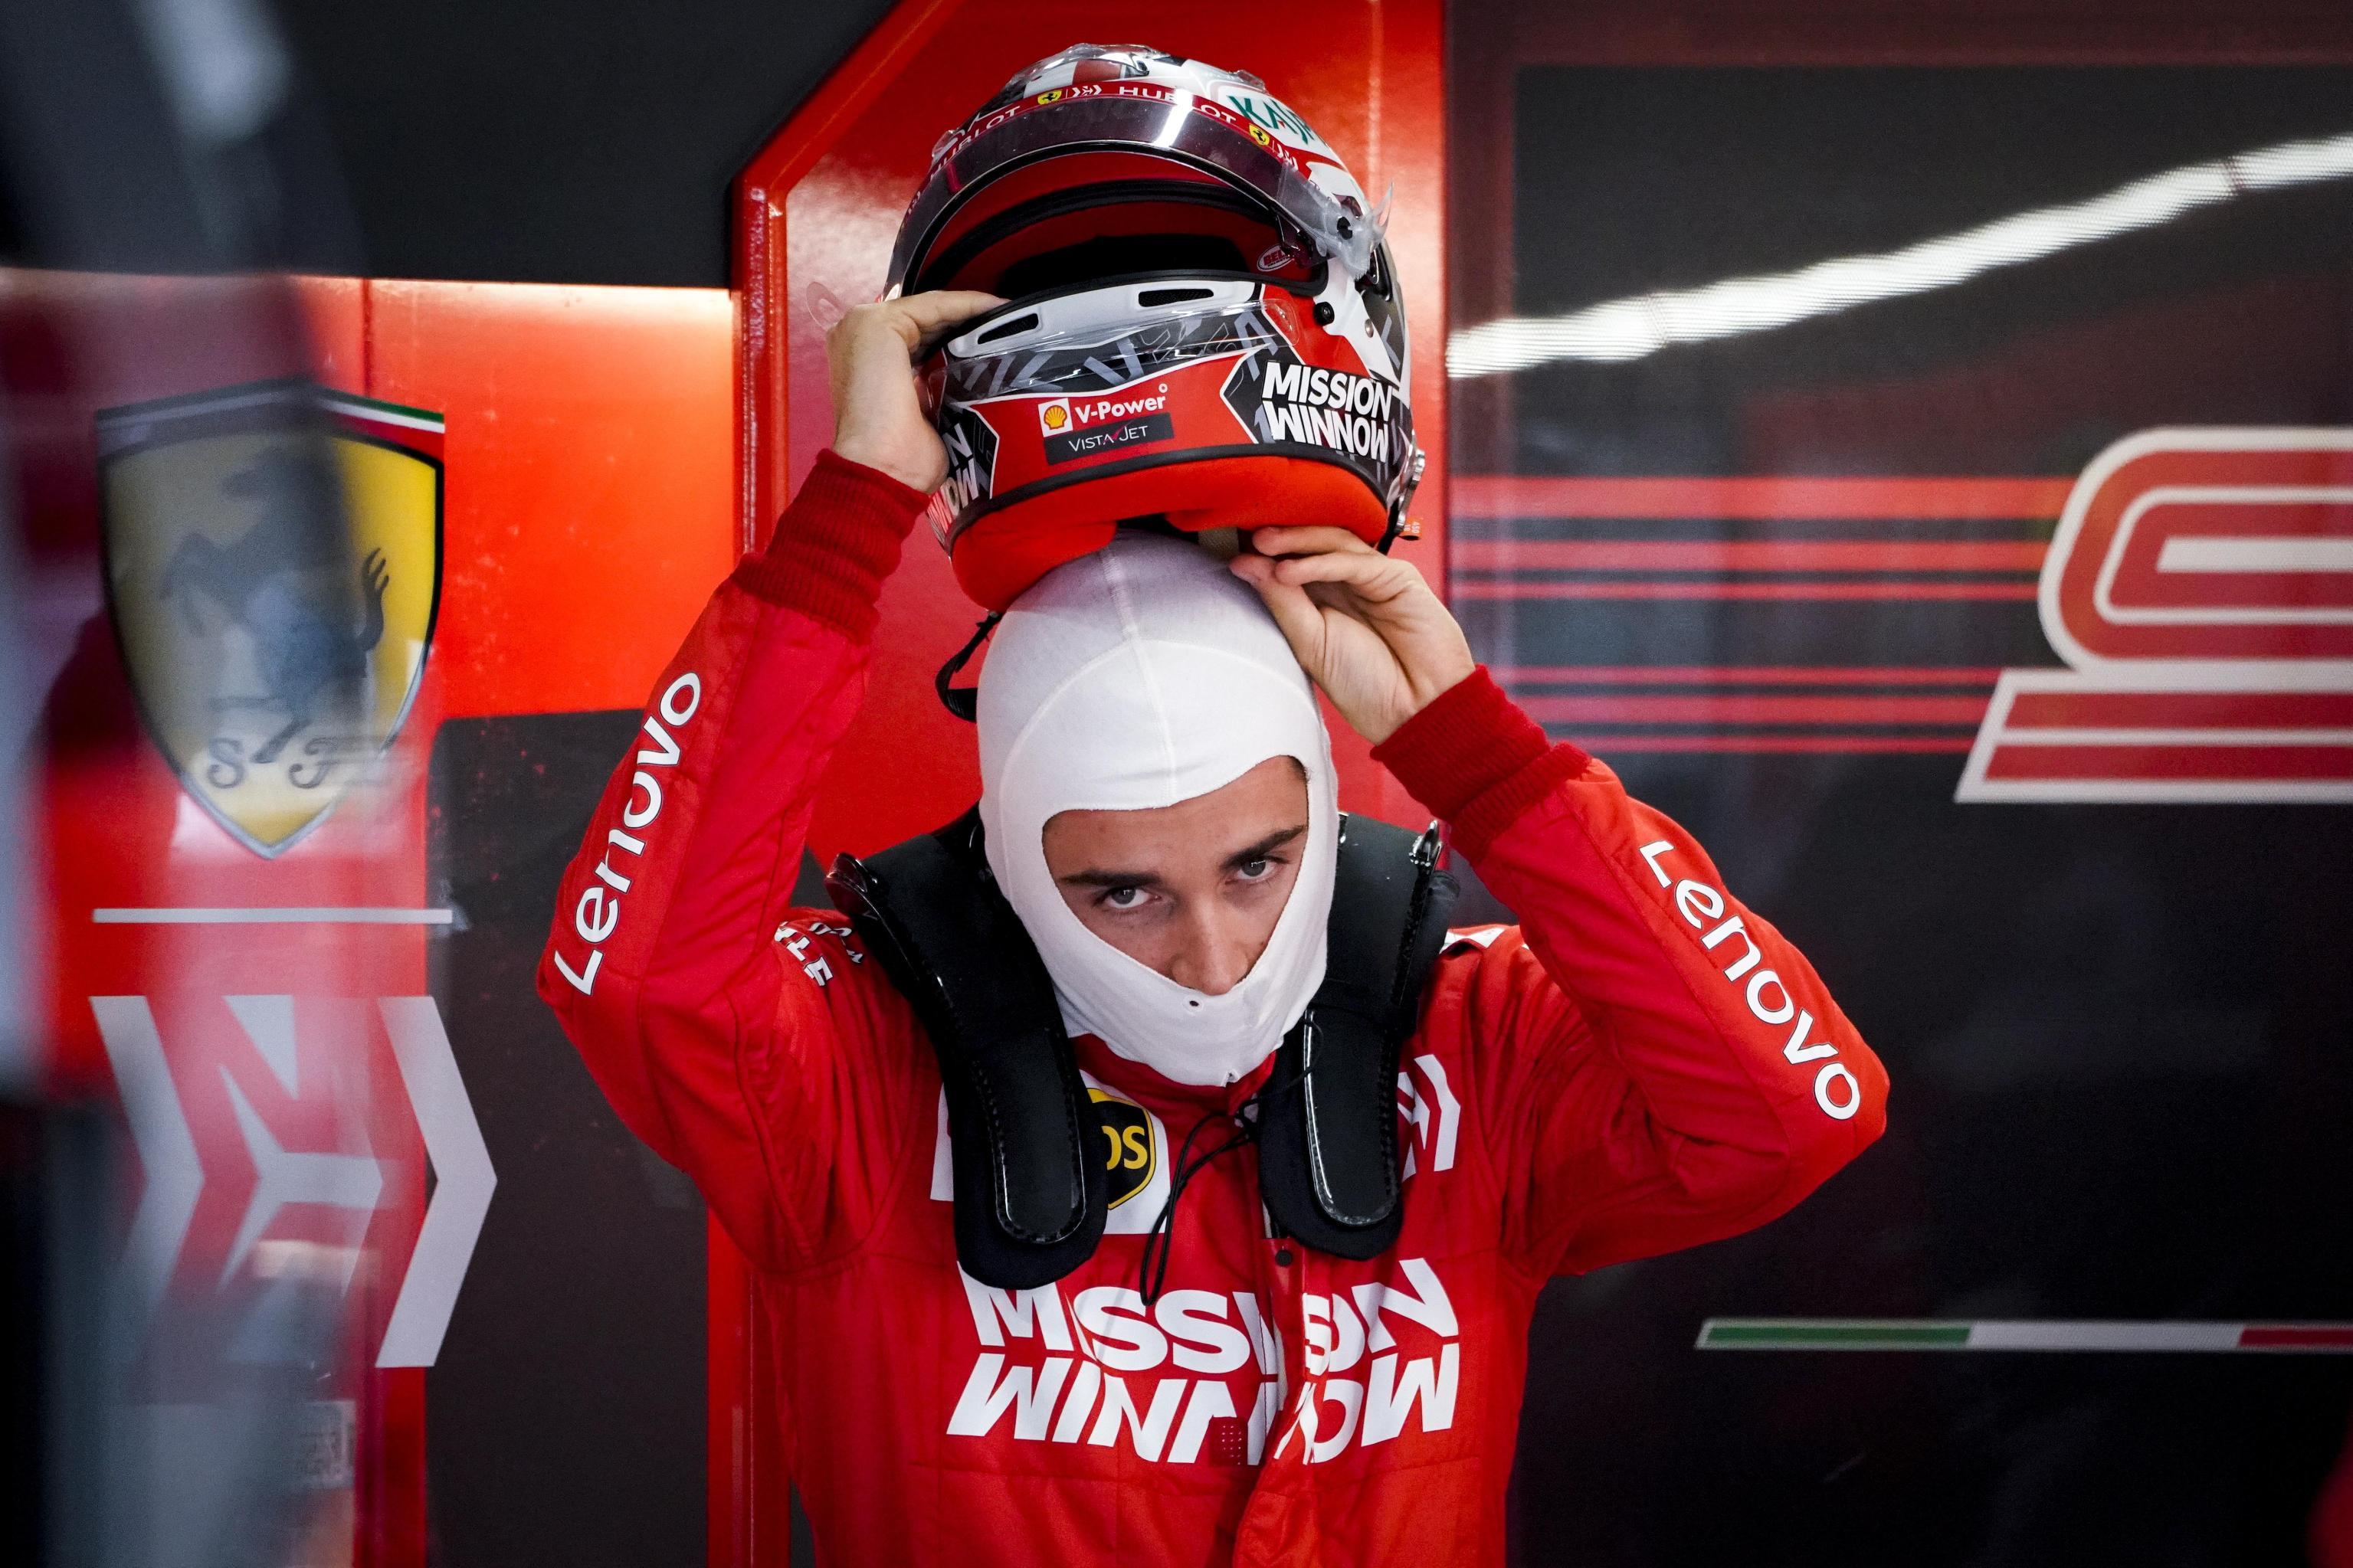 Il pilota monegasco Charles Leclerc della Ferrari si prepara a salire in macchina